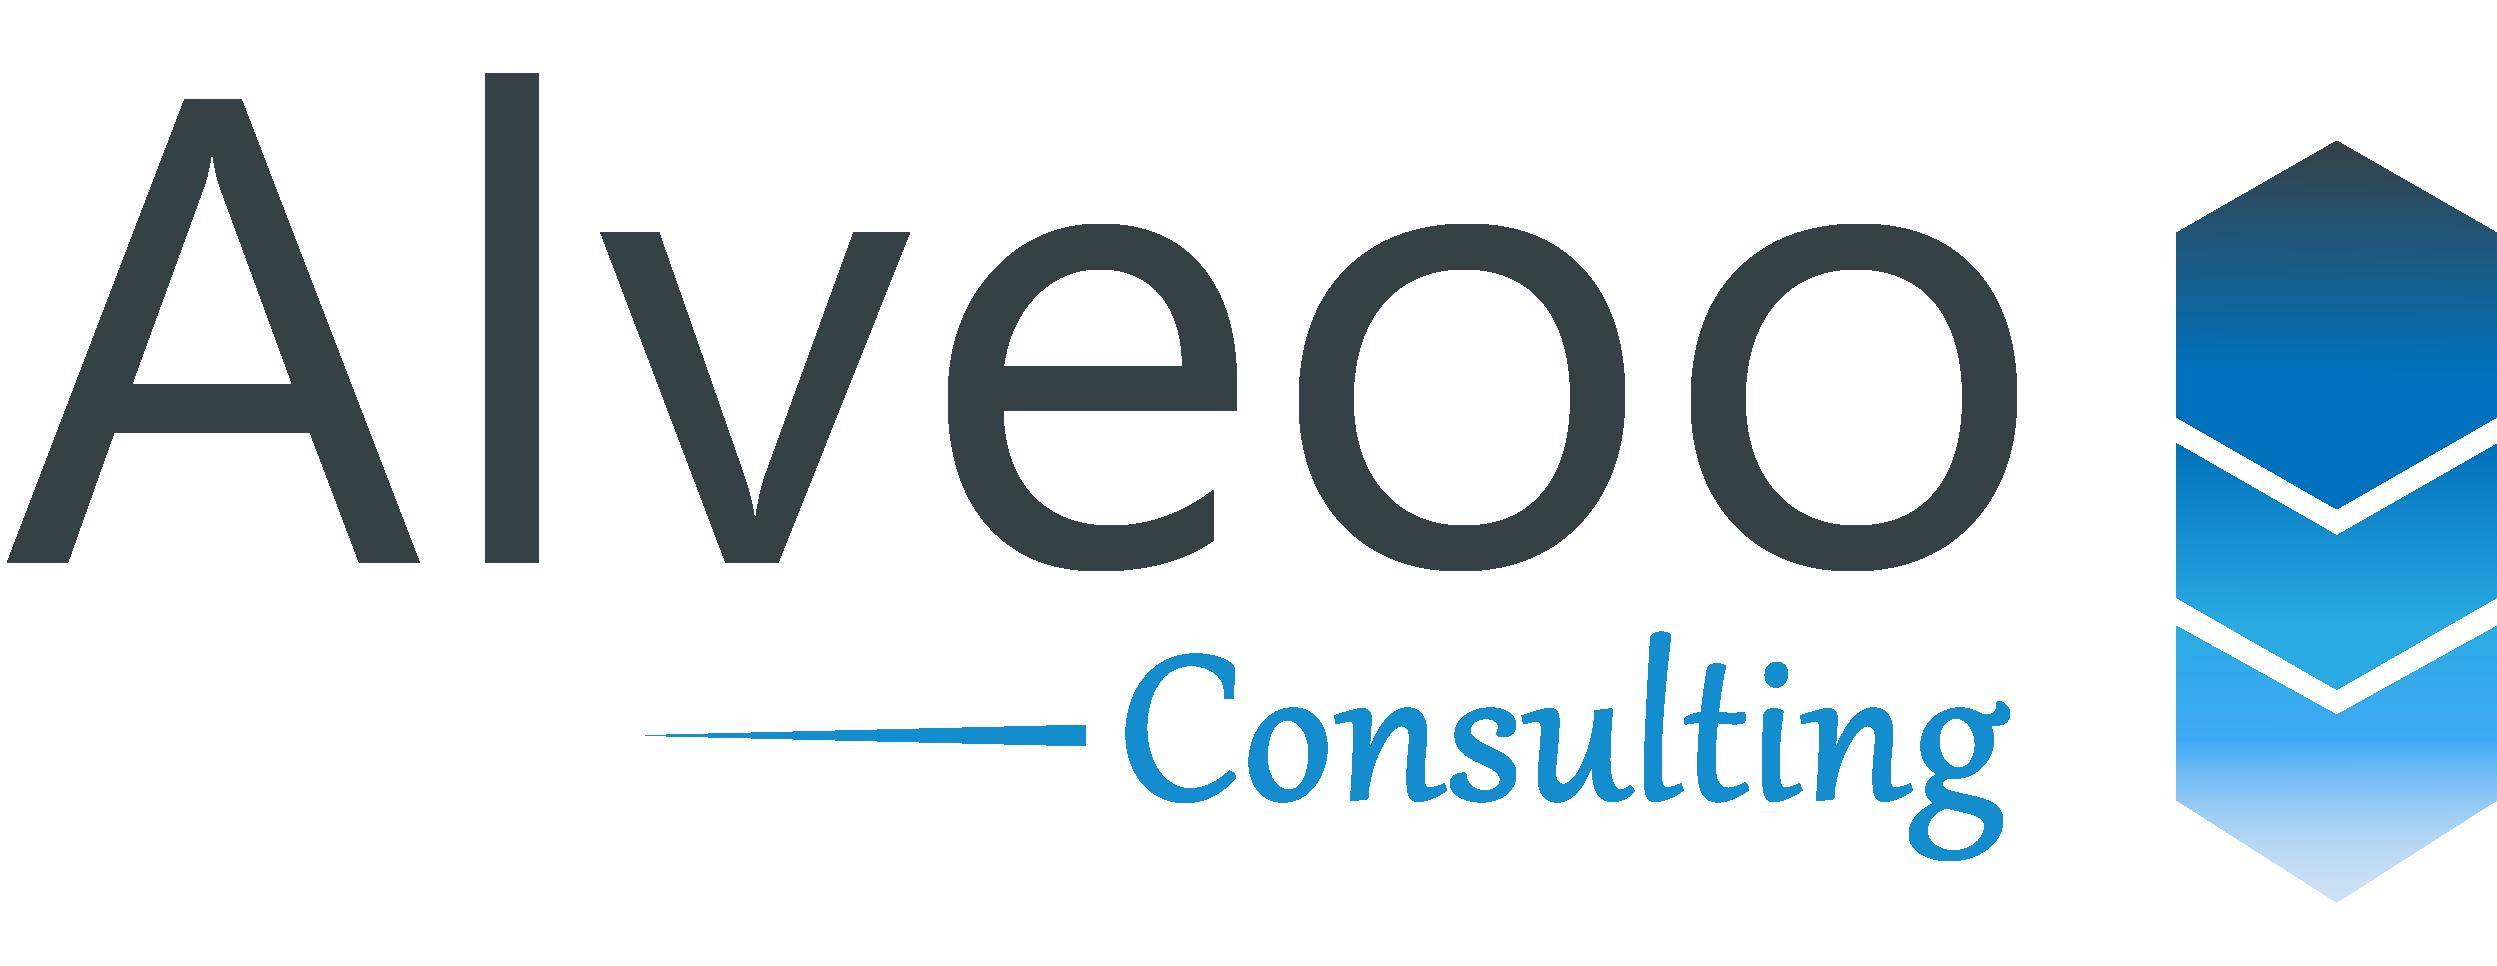 Alveoo Consulting